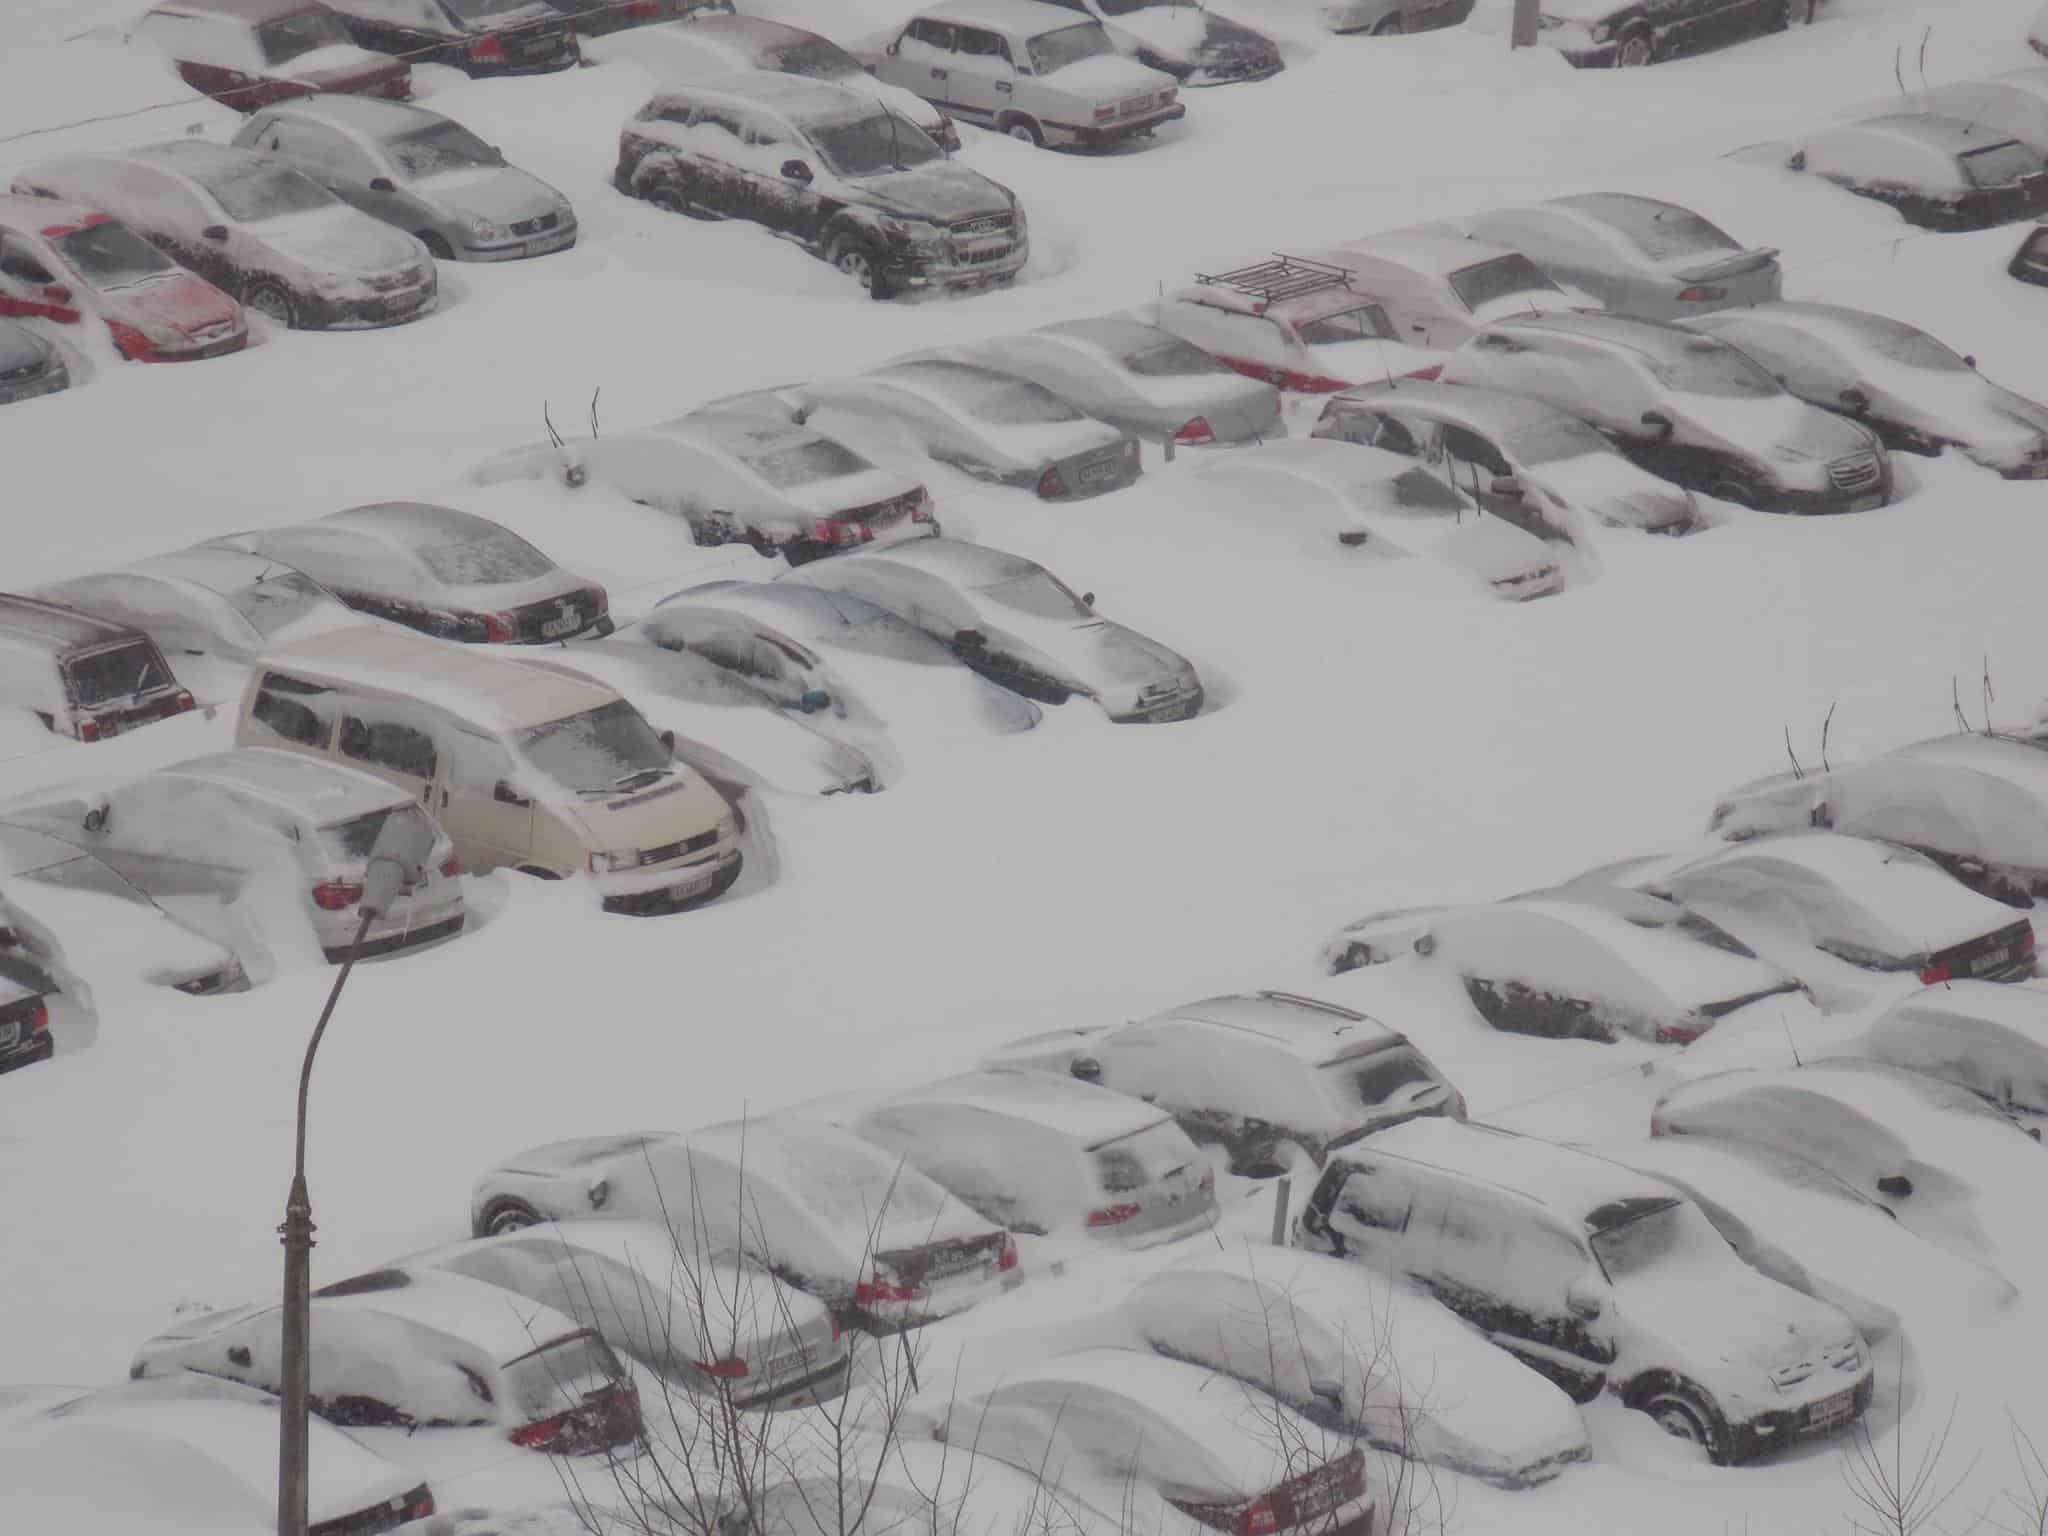 КлинингСервисез -Уборка снега Киев. Уборка снега цена, Уборка снега вручную, Вывоз снега